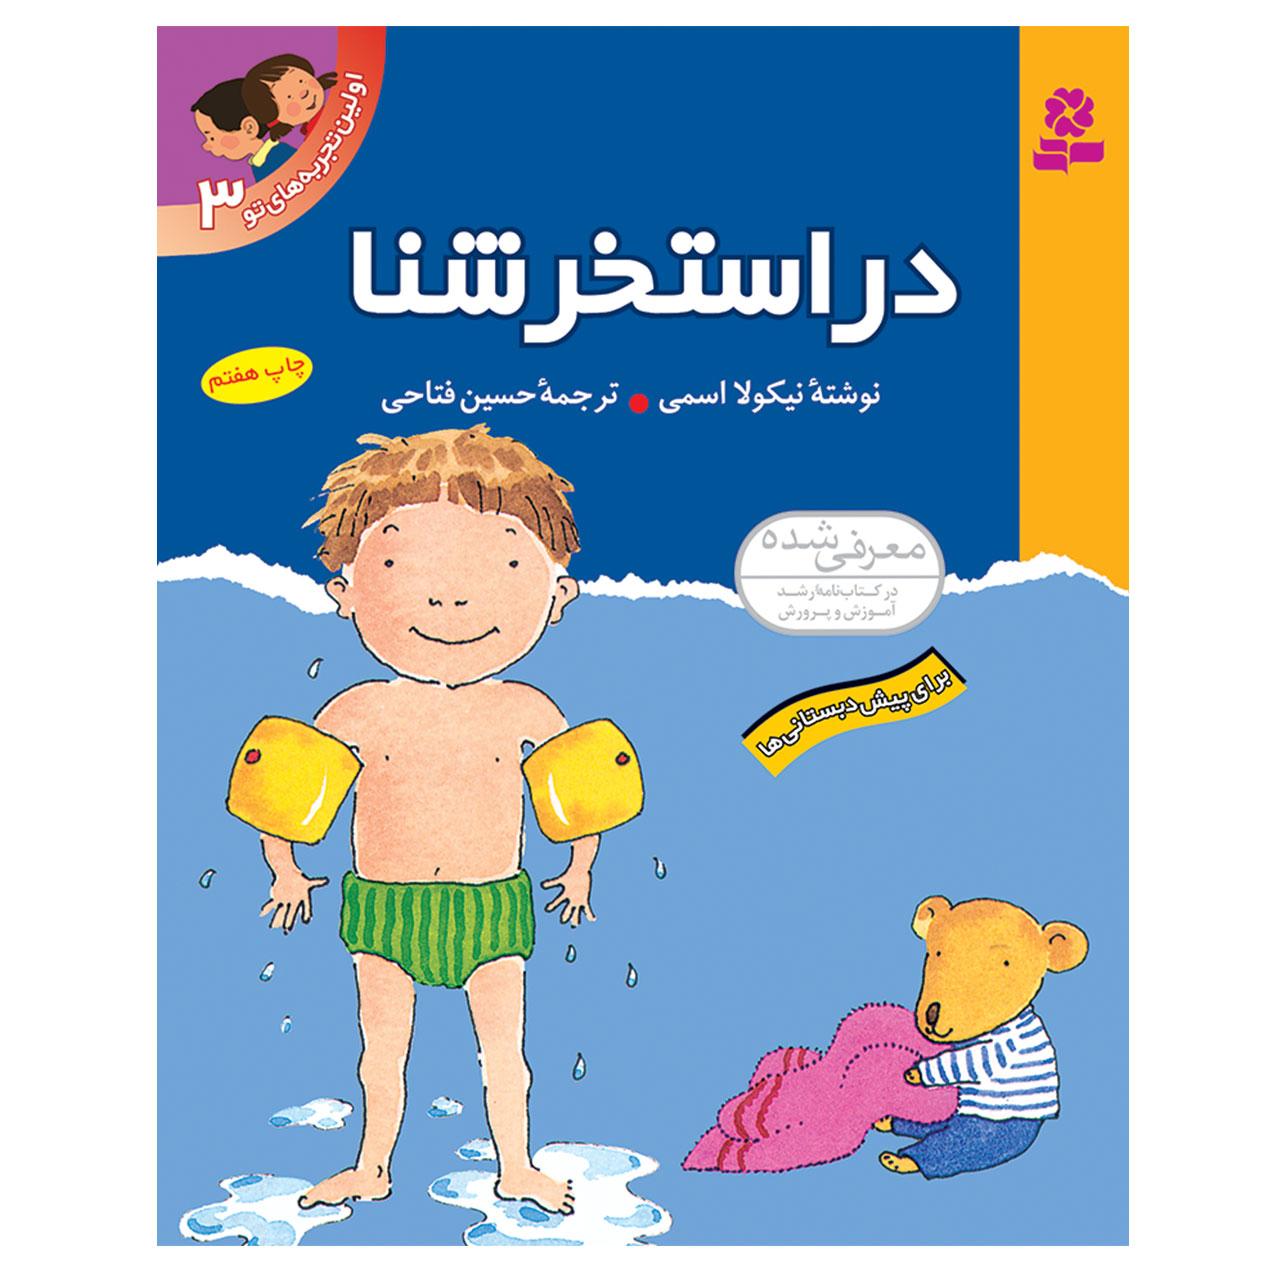 خرید                      کتاب اولین تجربه های تو 3 در استخر شنا اثر نیکولا اسمی انتشارات قدیانی